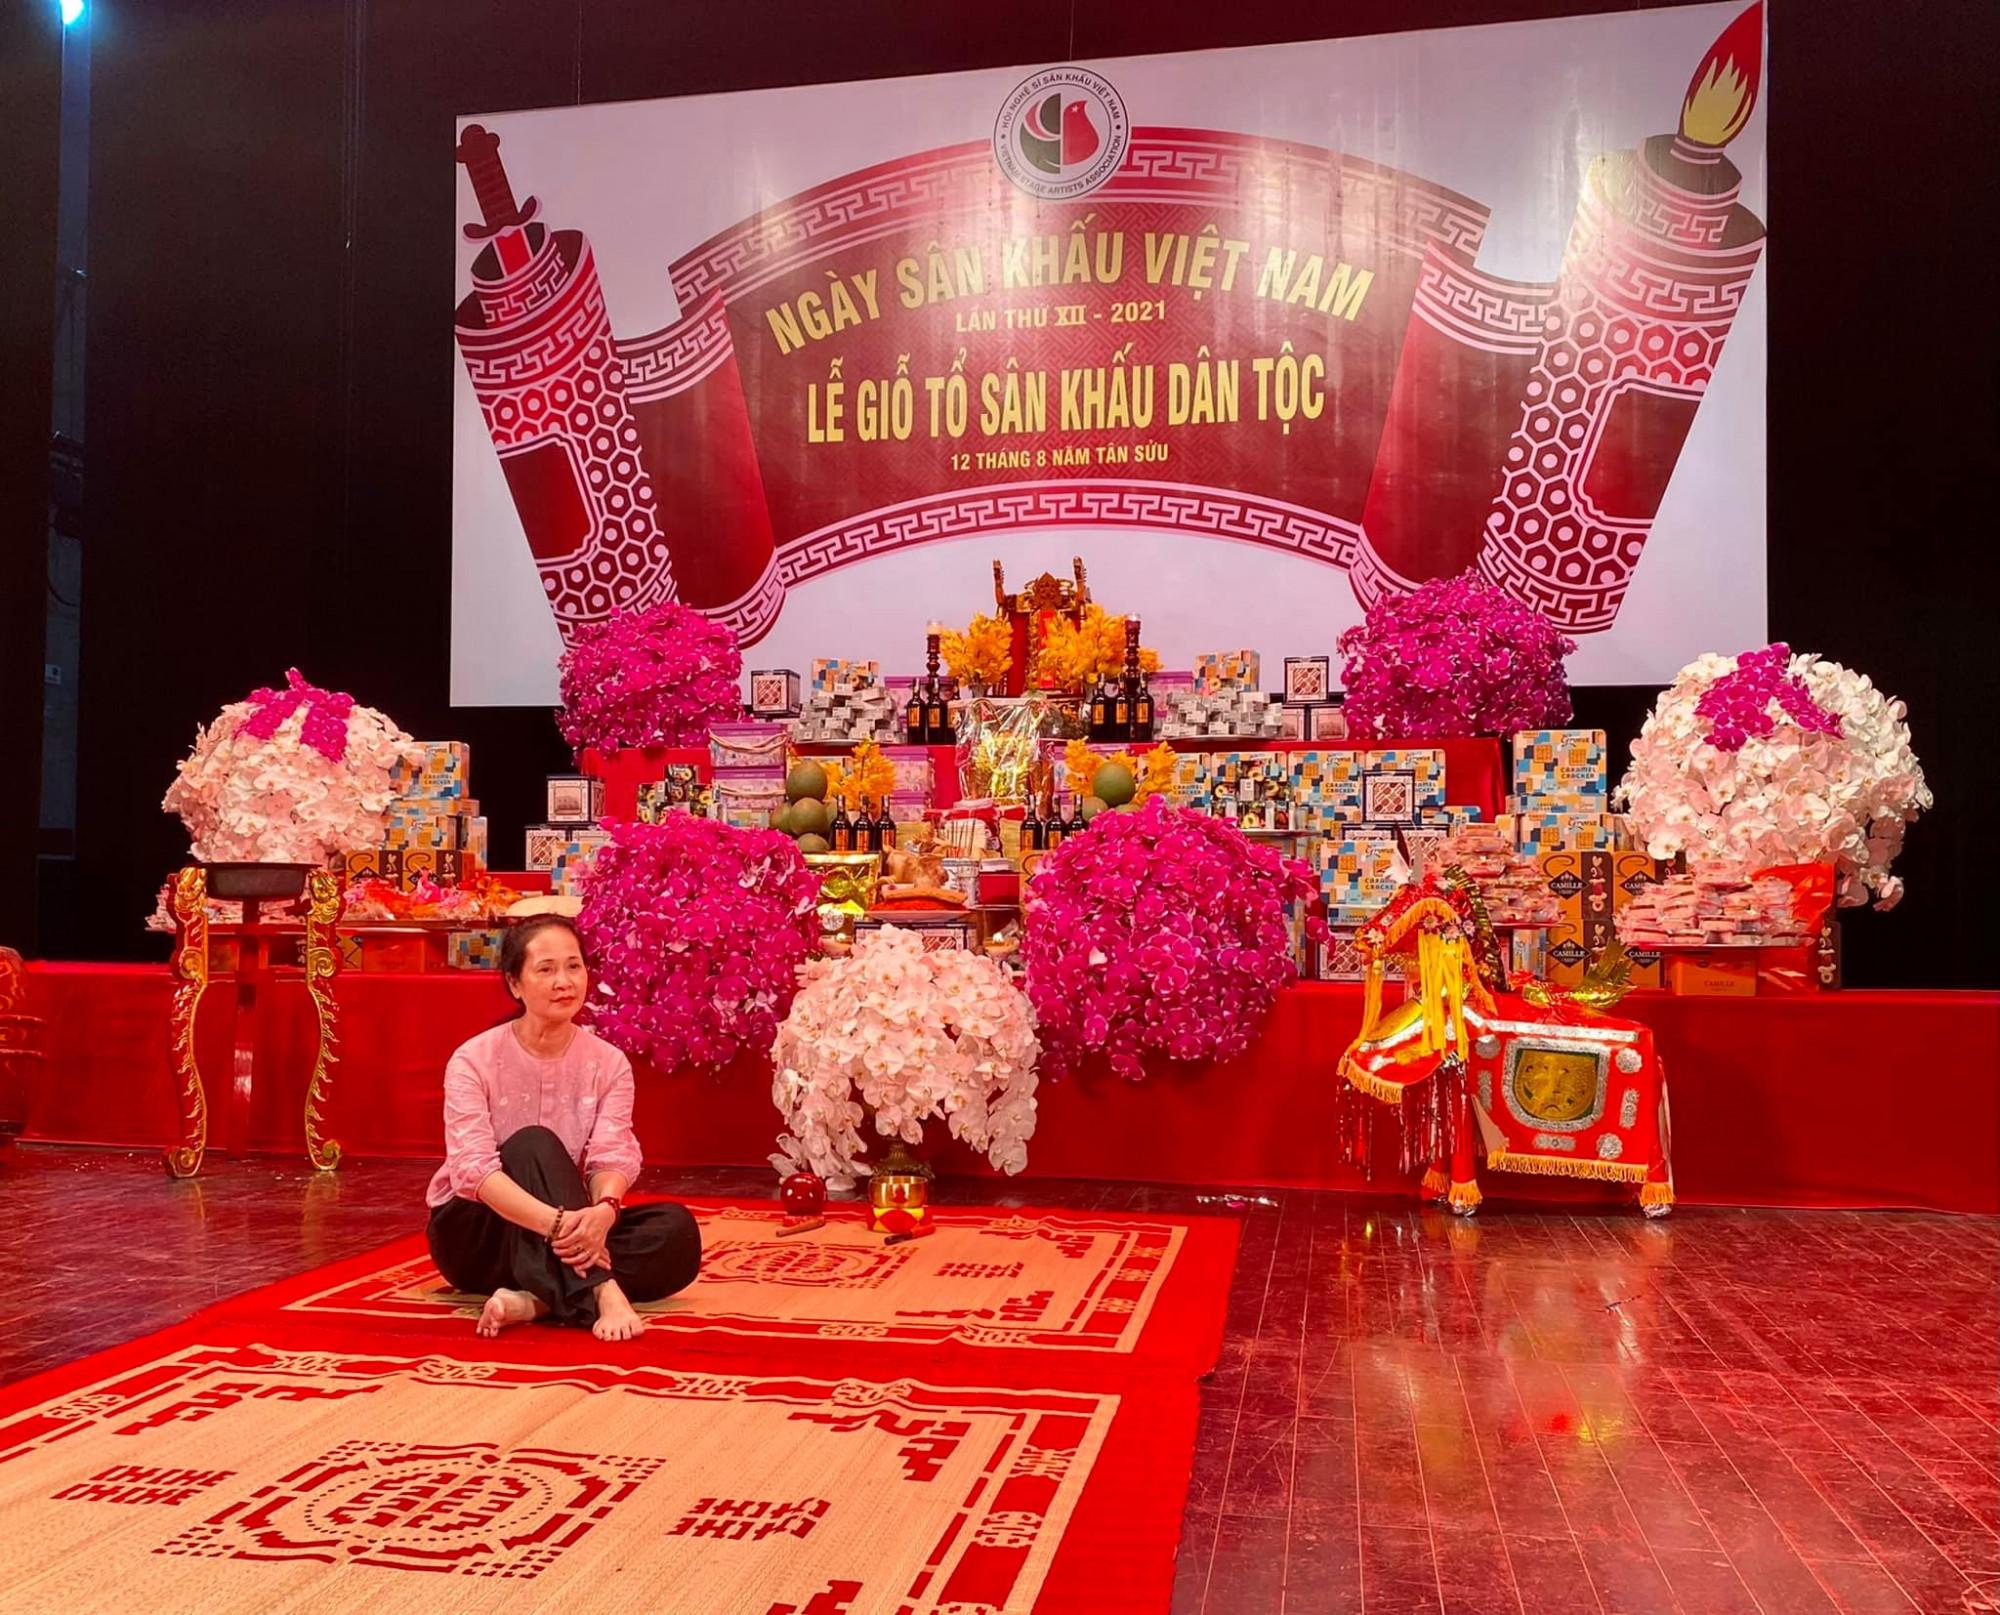 NSND Lan Hương cho biết Nhà hát lớn Hà Nội vẫn có bàn thờ cúng Tổ như mọi năm, nhưng năm nay đơn giản, cũng không có nghệ sĩ tụ họp.